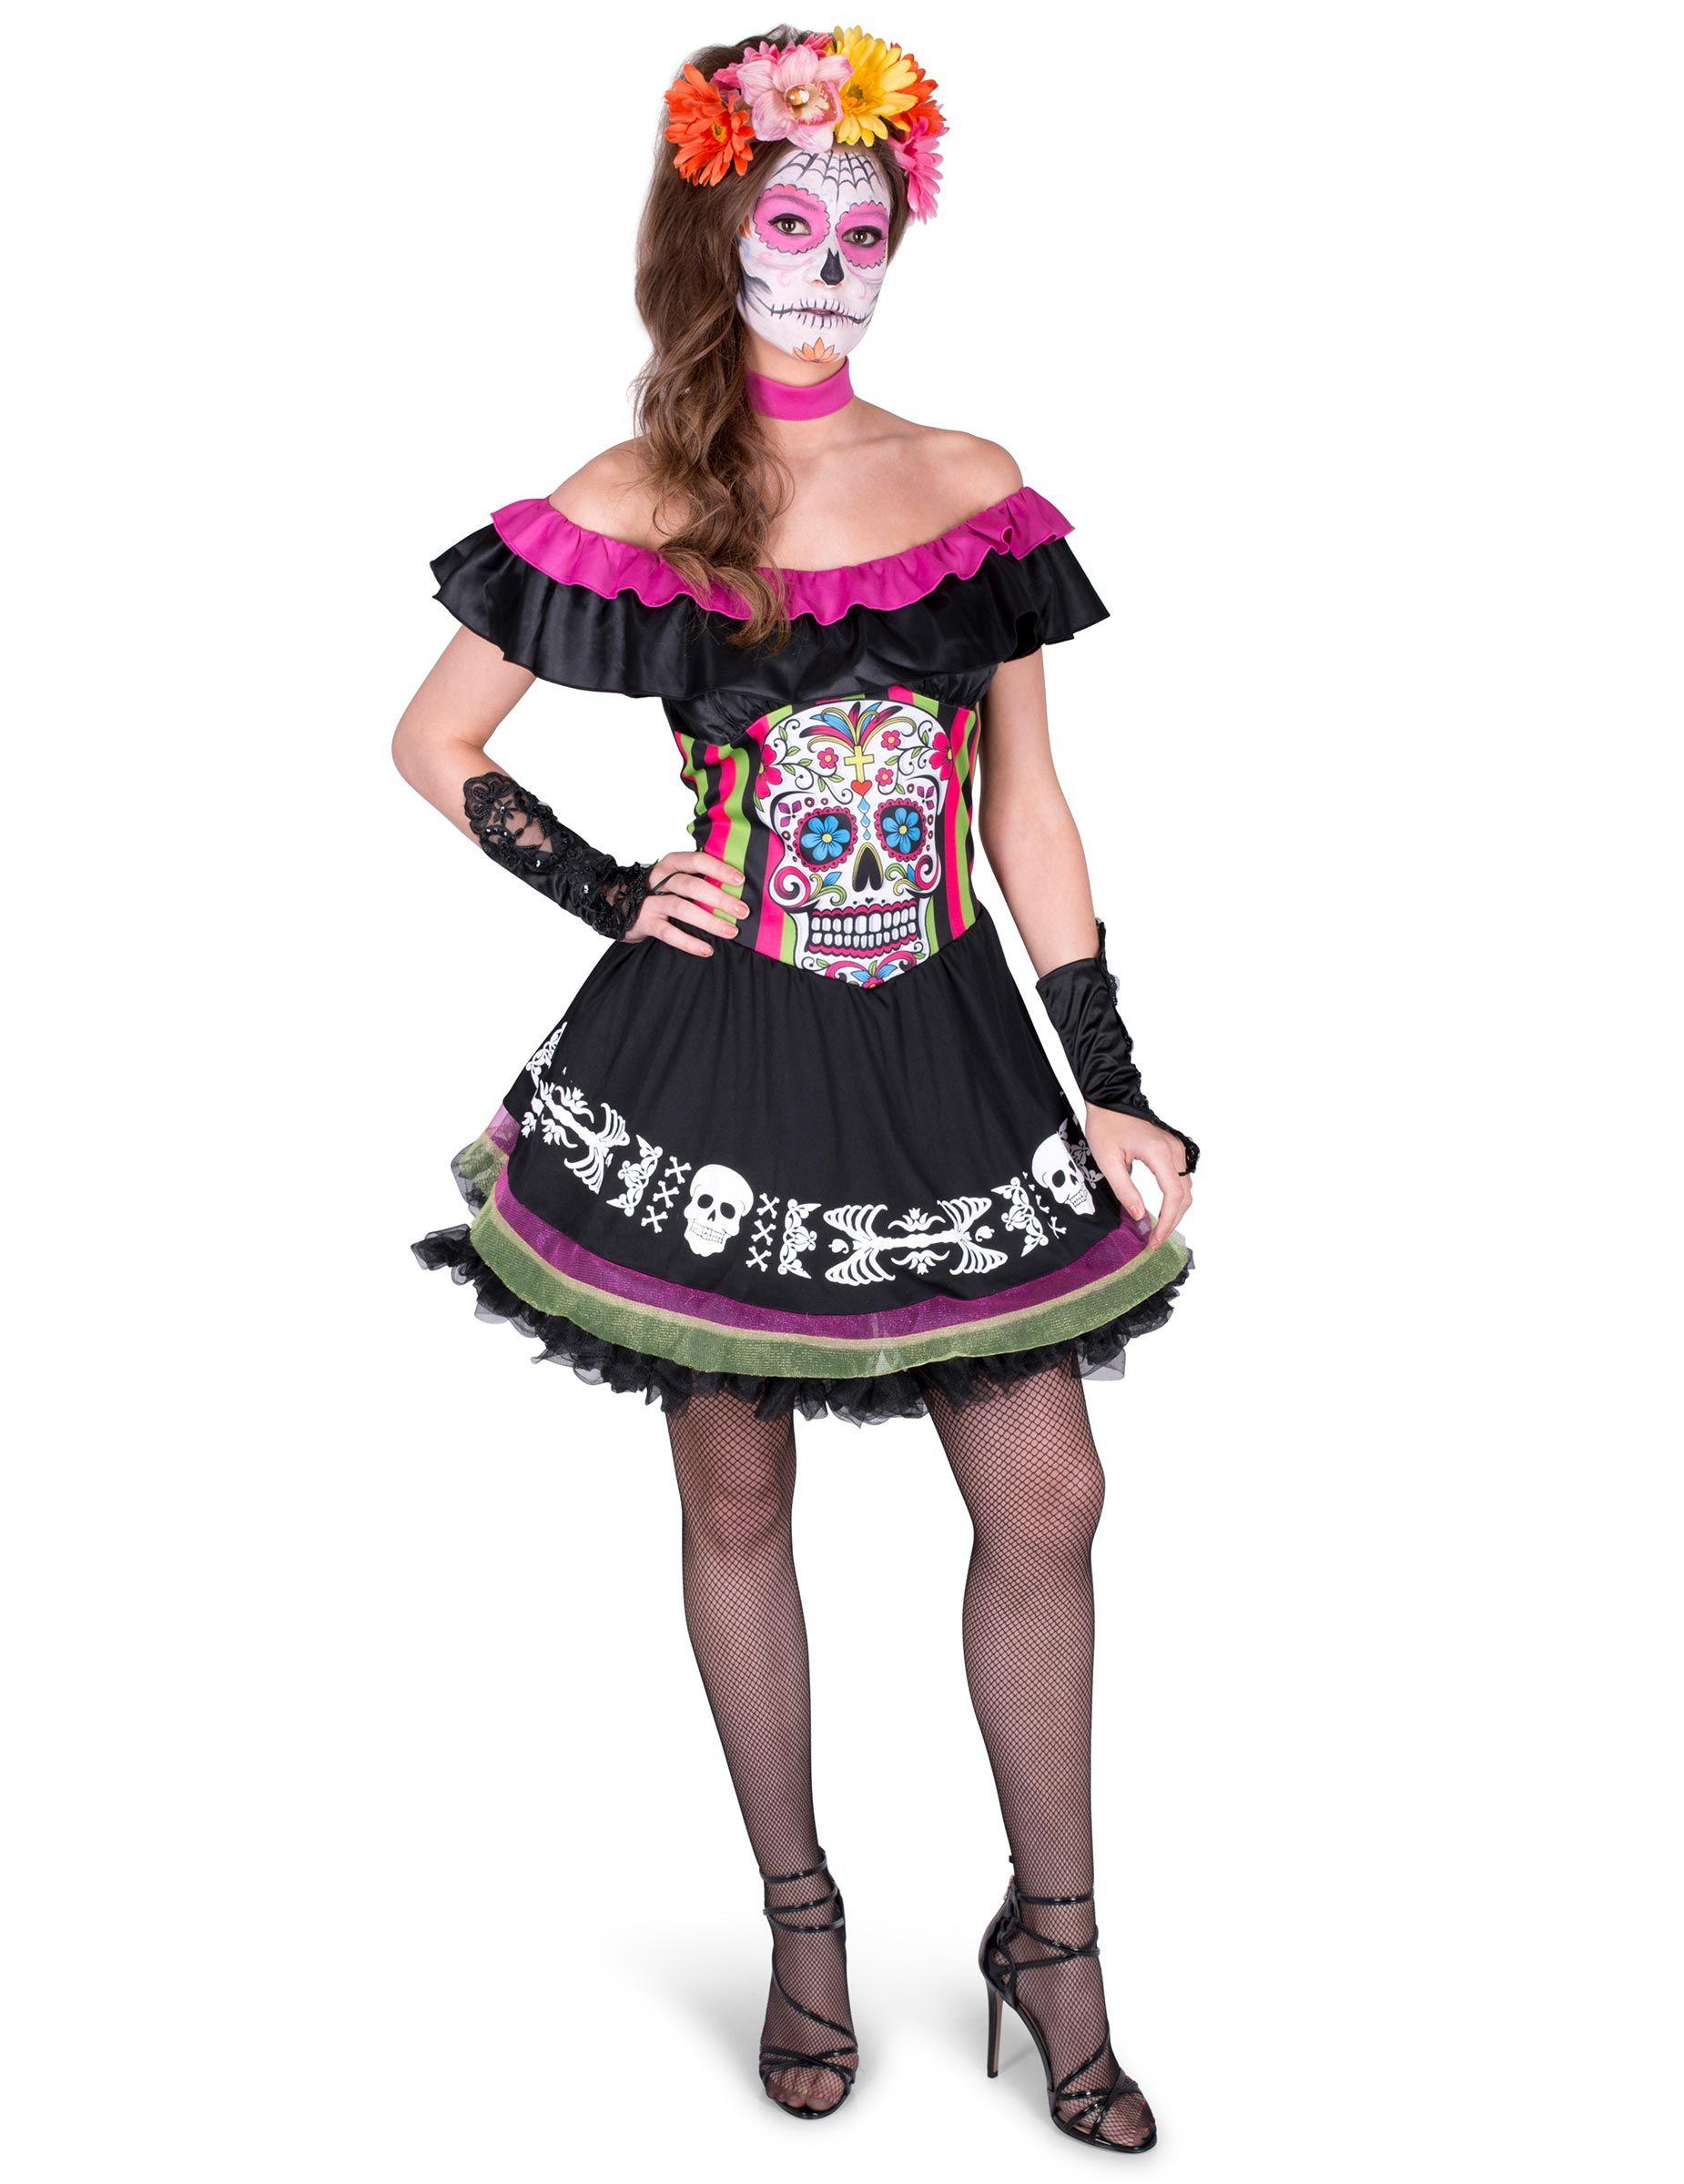 Costume per donna dia de los muertos  Questo costume da donna in stile dia  de 79a685964c8